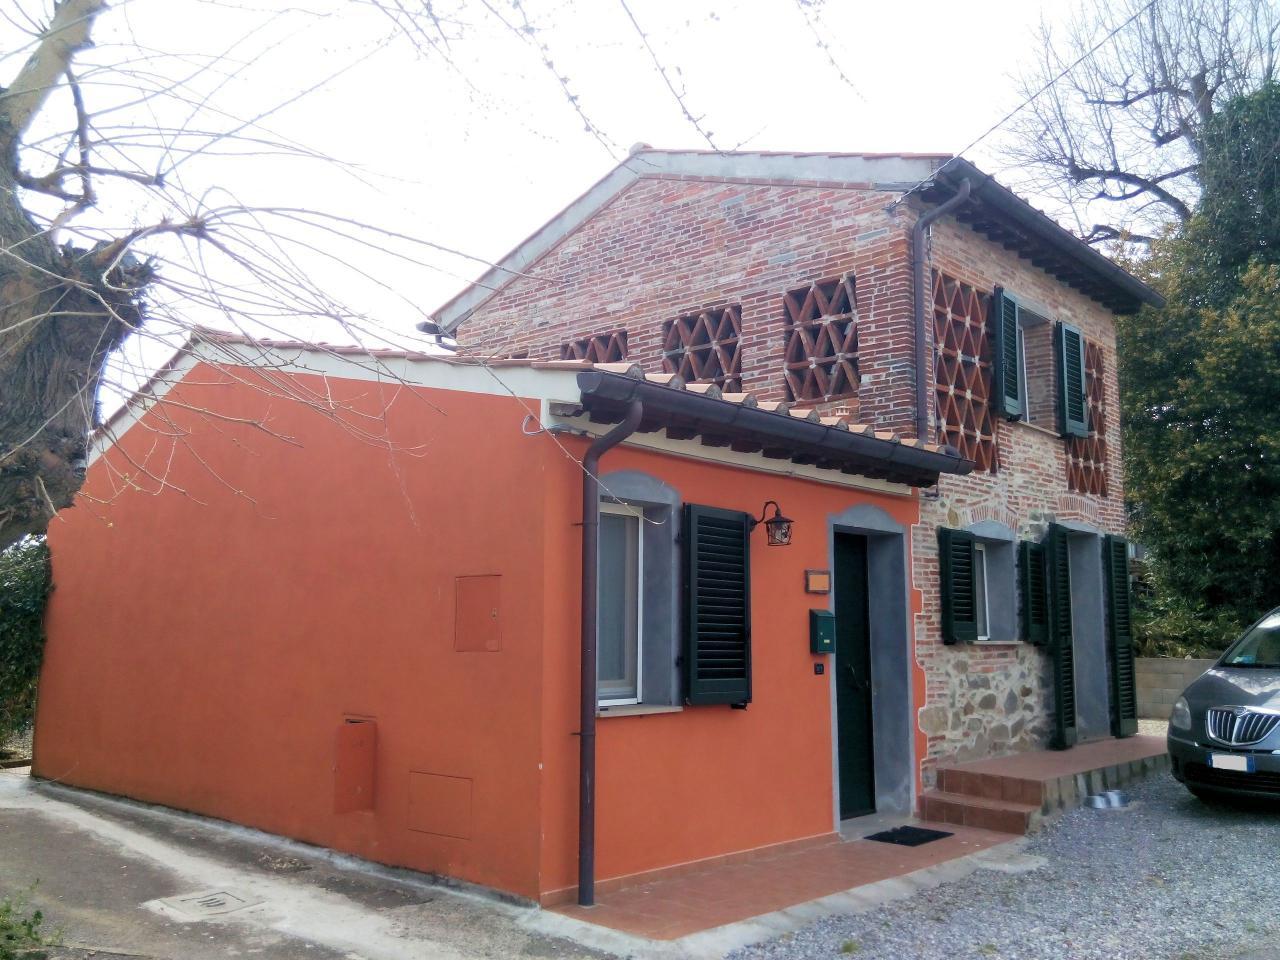 Rustico / Casale in vendita a Altopascio, 3 locali, zona Località: BadiaPozzeveri, prezzo € 139.000   Cambio Casa.it